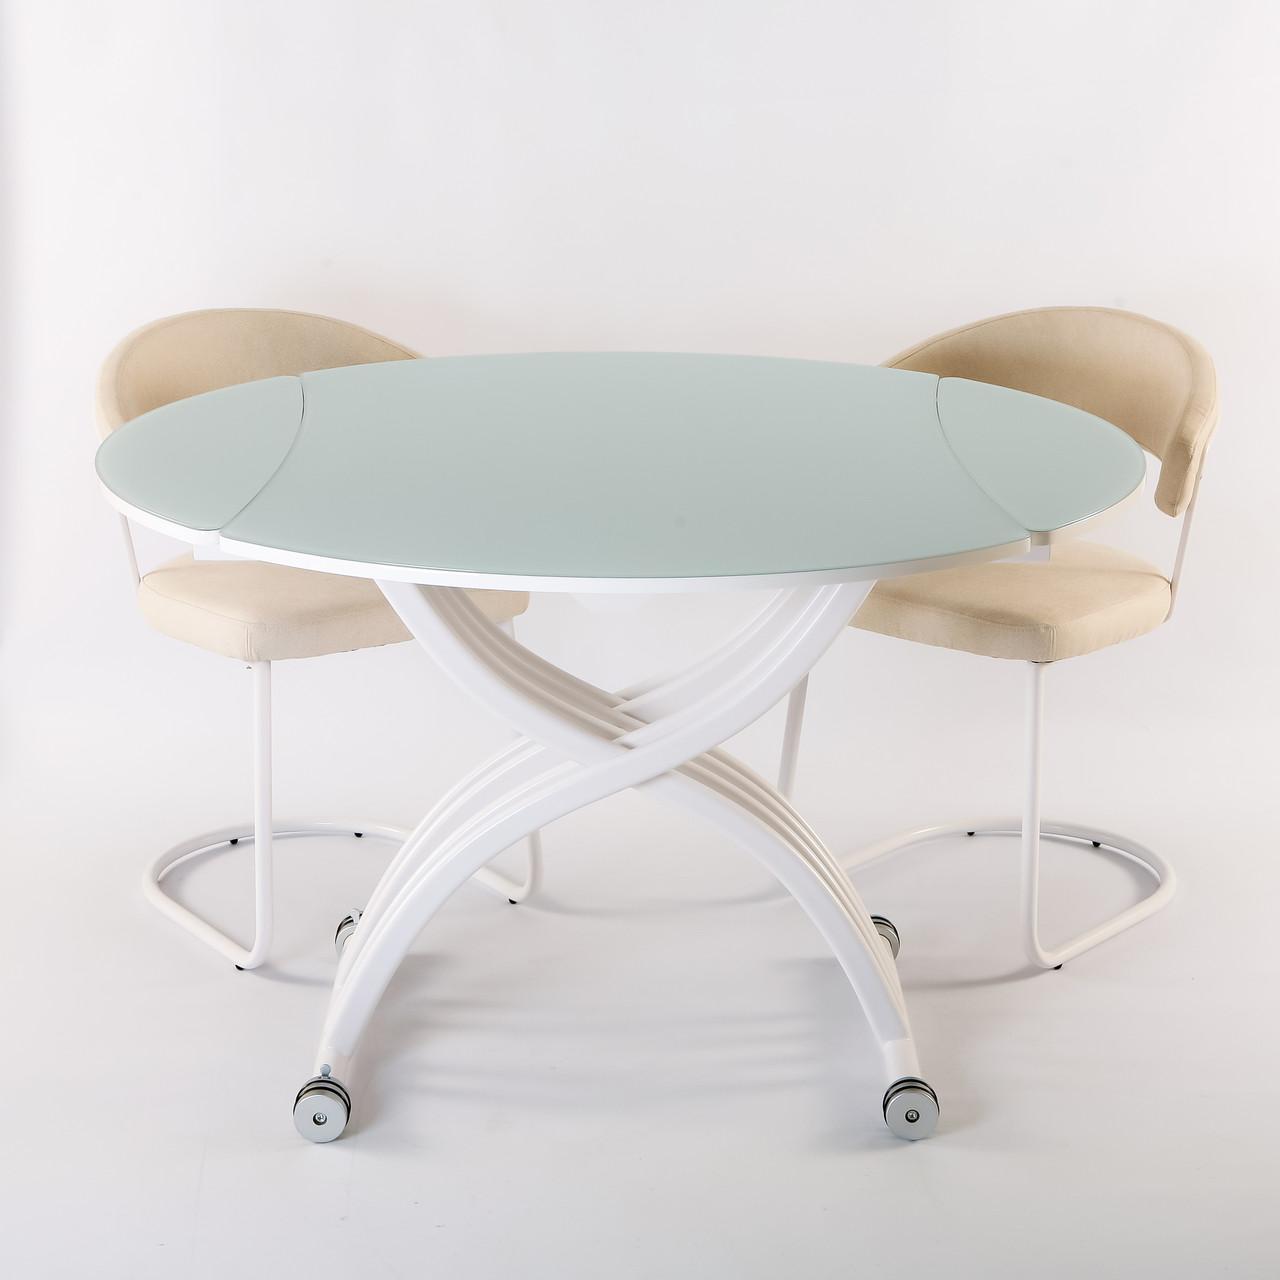 Круглый обеденный стол трансформер Бергамо (B2420)  Exm, цвет белый